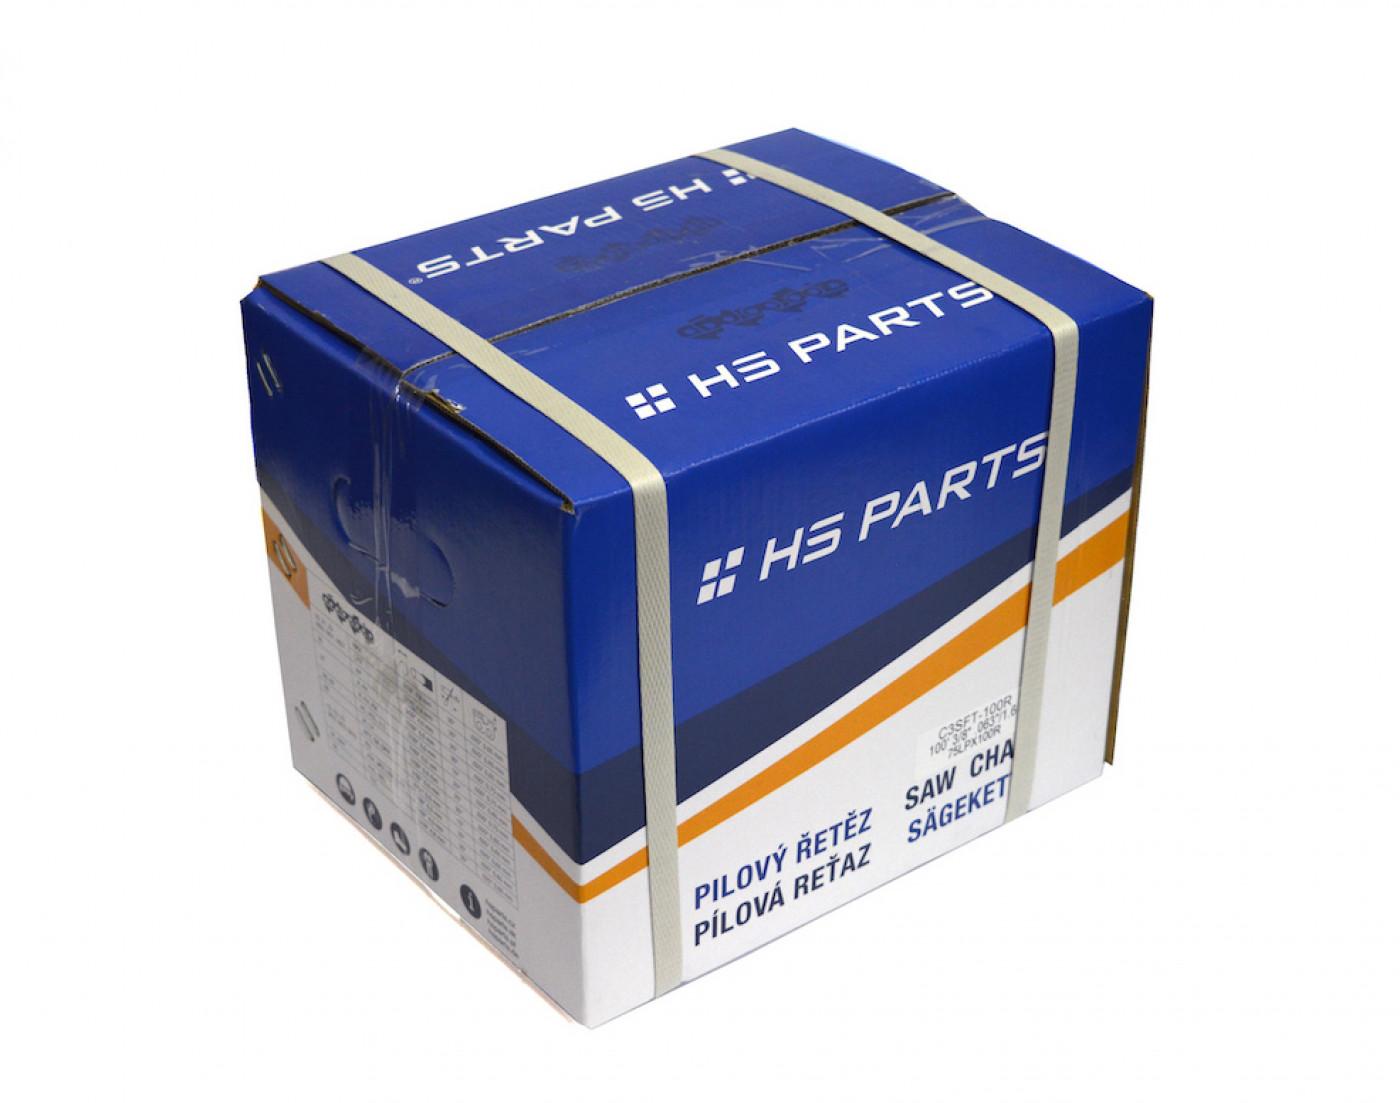 """HS PARTS Rola reťaze pre pozdĺžne rezanie .3/8"""" 1,6mm - 1637 článkov - guľatý zub"""